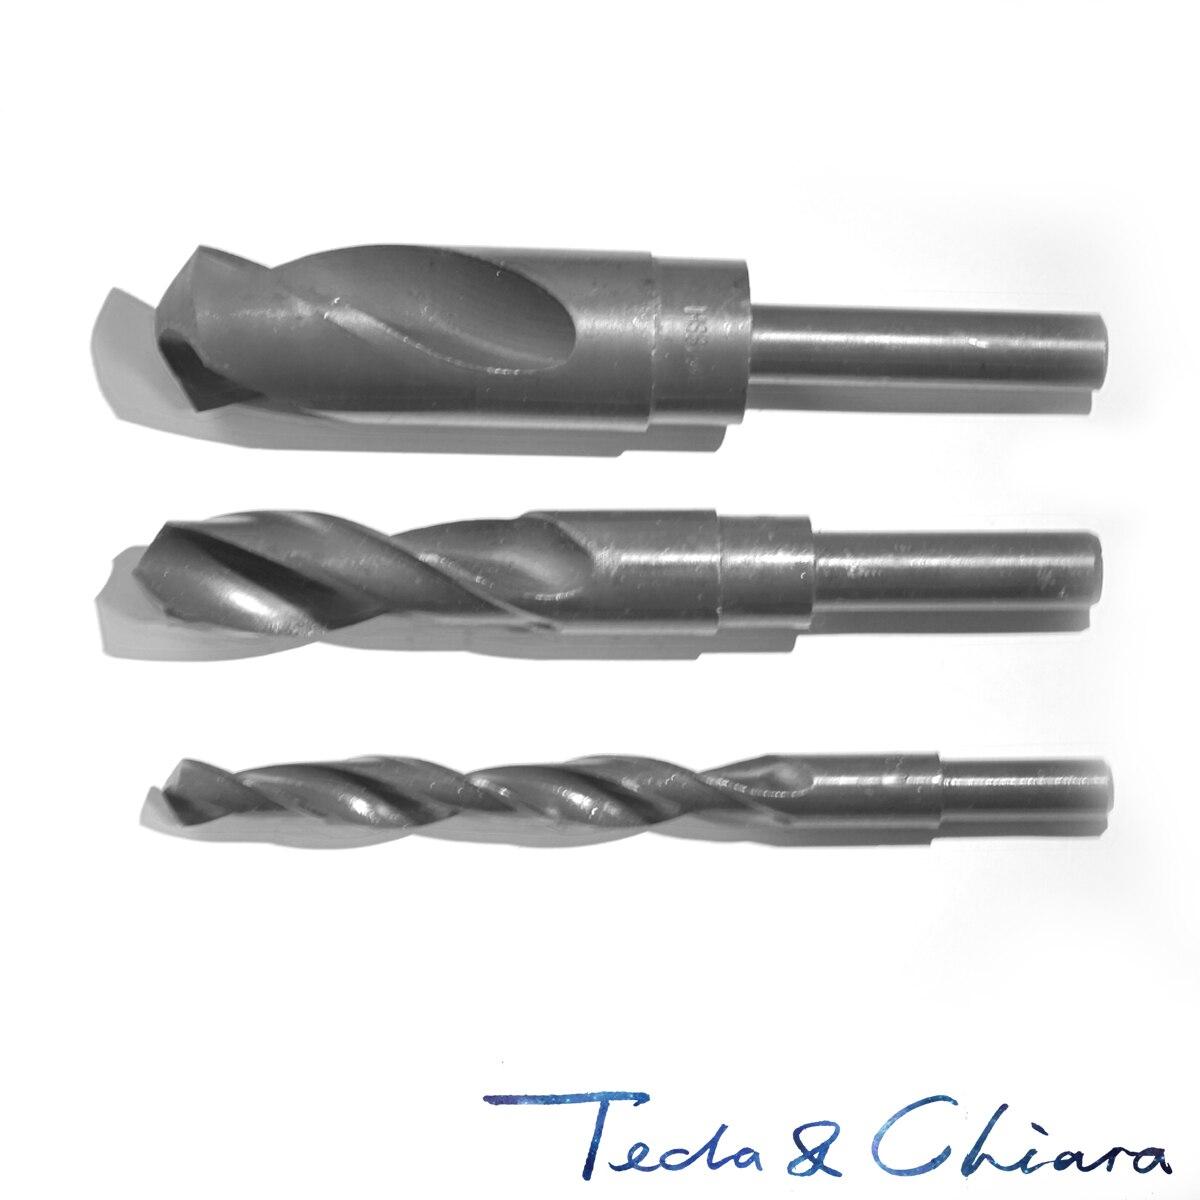 15.6mm 15.7mm 15.8mm 15.9mm 16mm HSS Reduced Straight Crank Twist Drill Bit Shank Dia 12.7mm 1/2 Inch 15.6 15.7 15.8 15.9 16